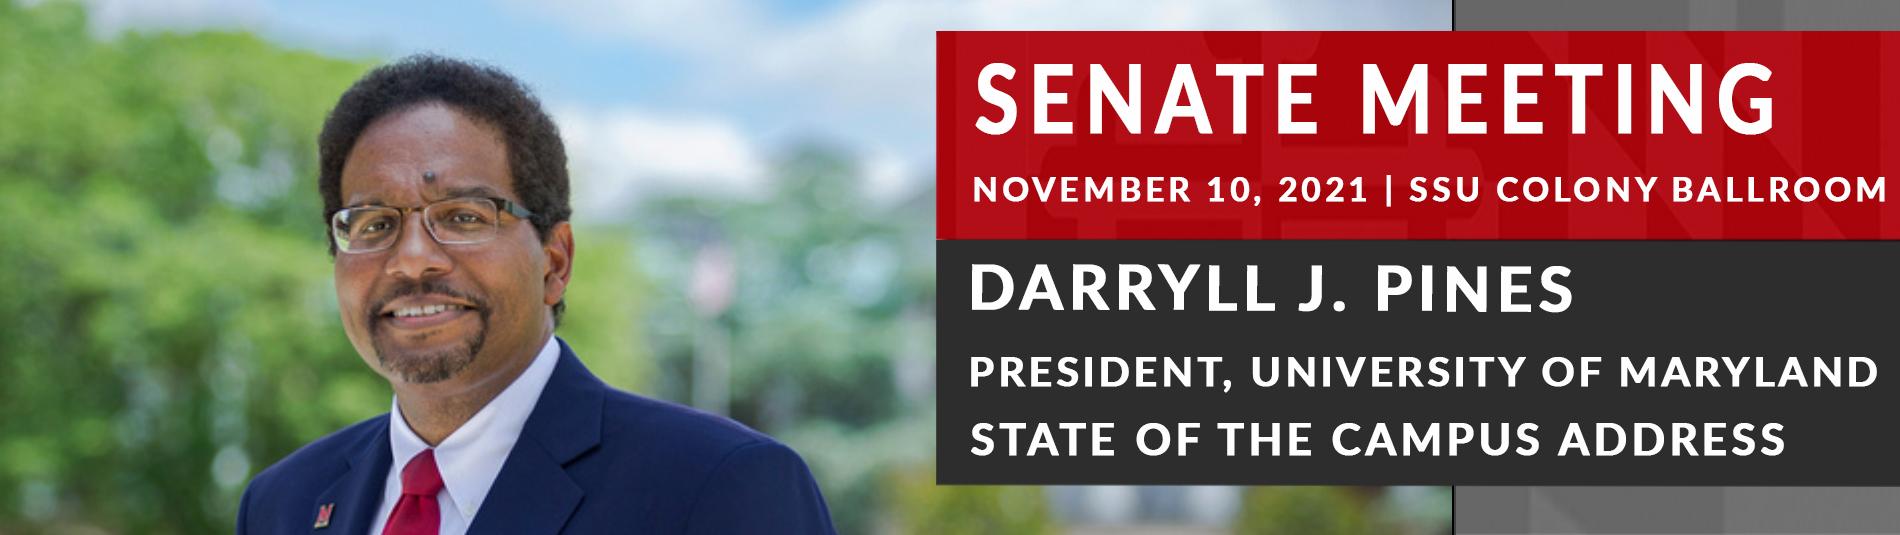 11.10.21 Senate Meeting